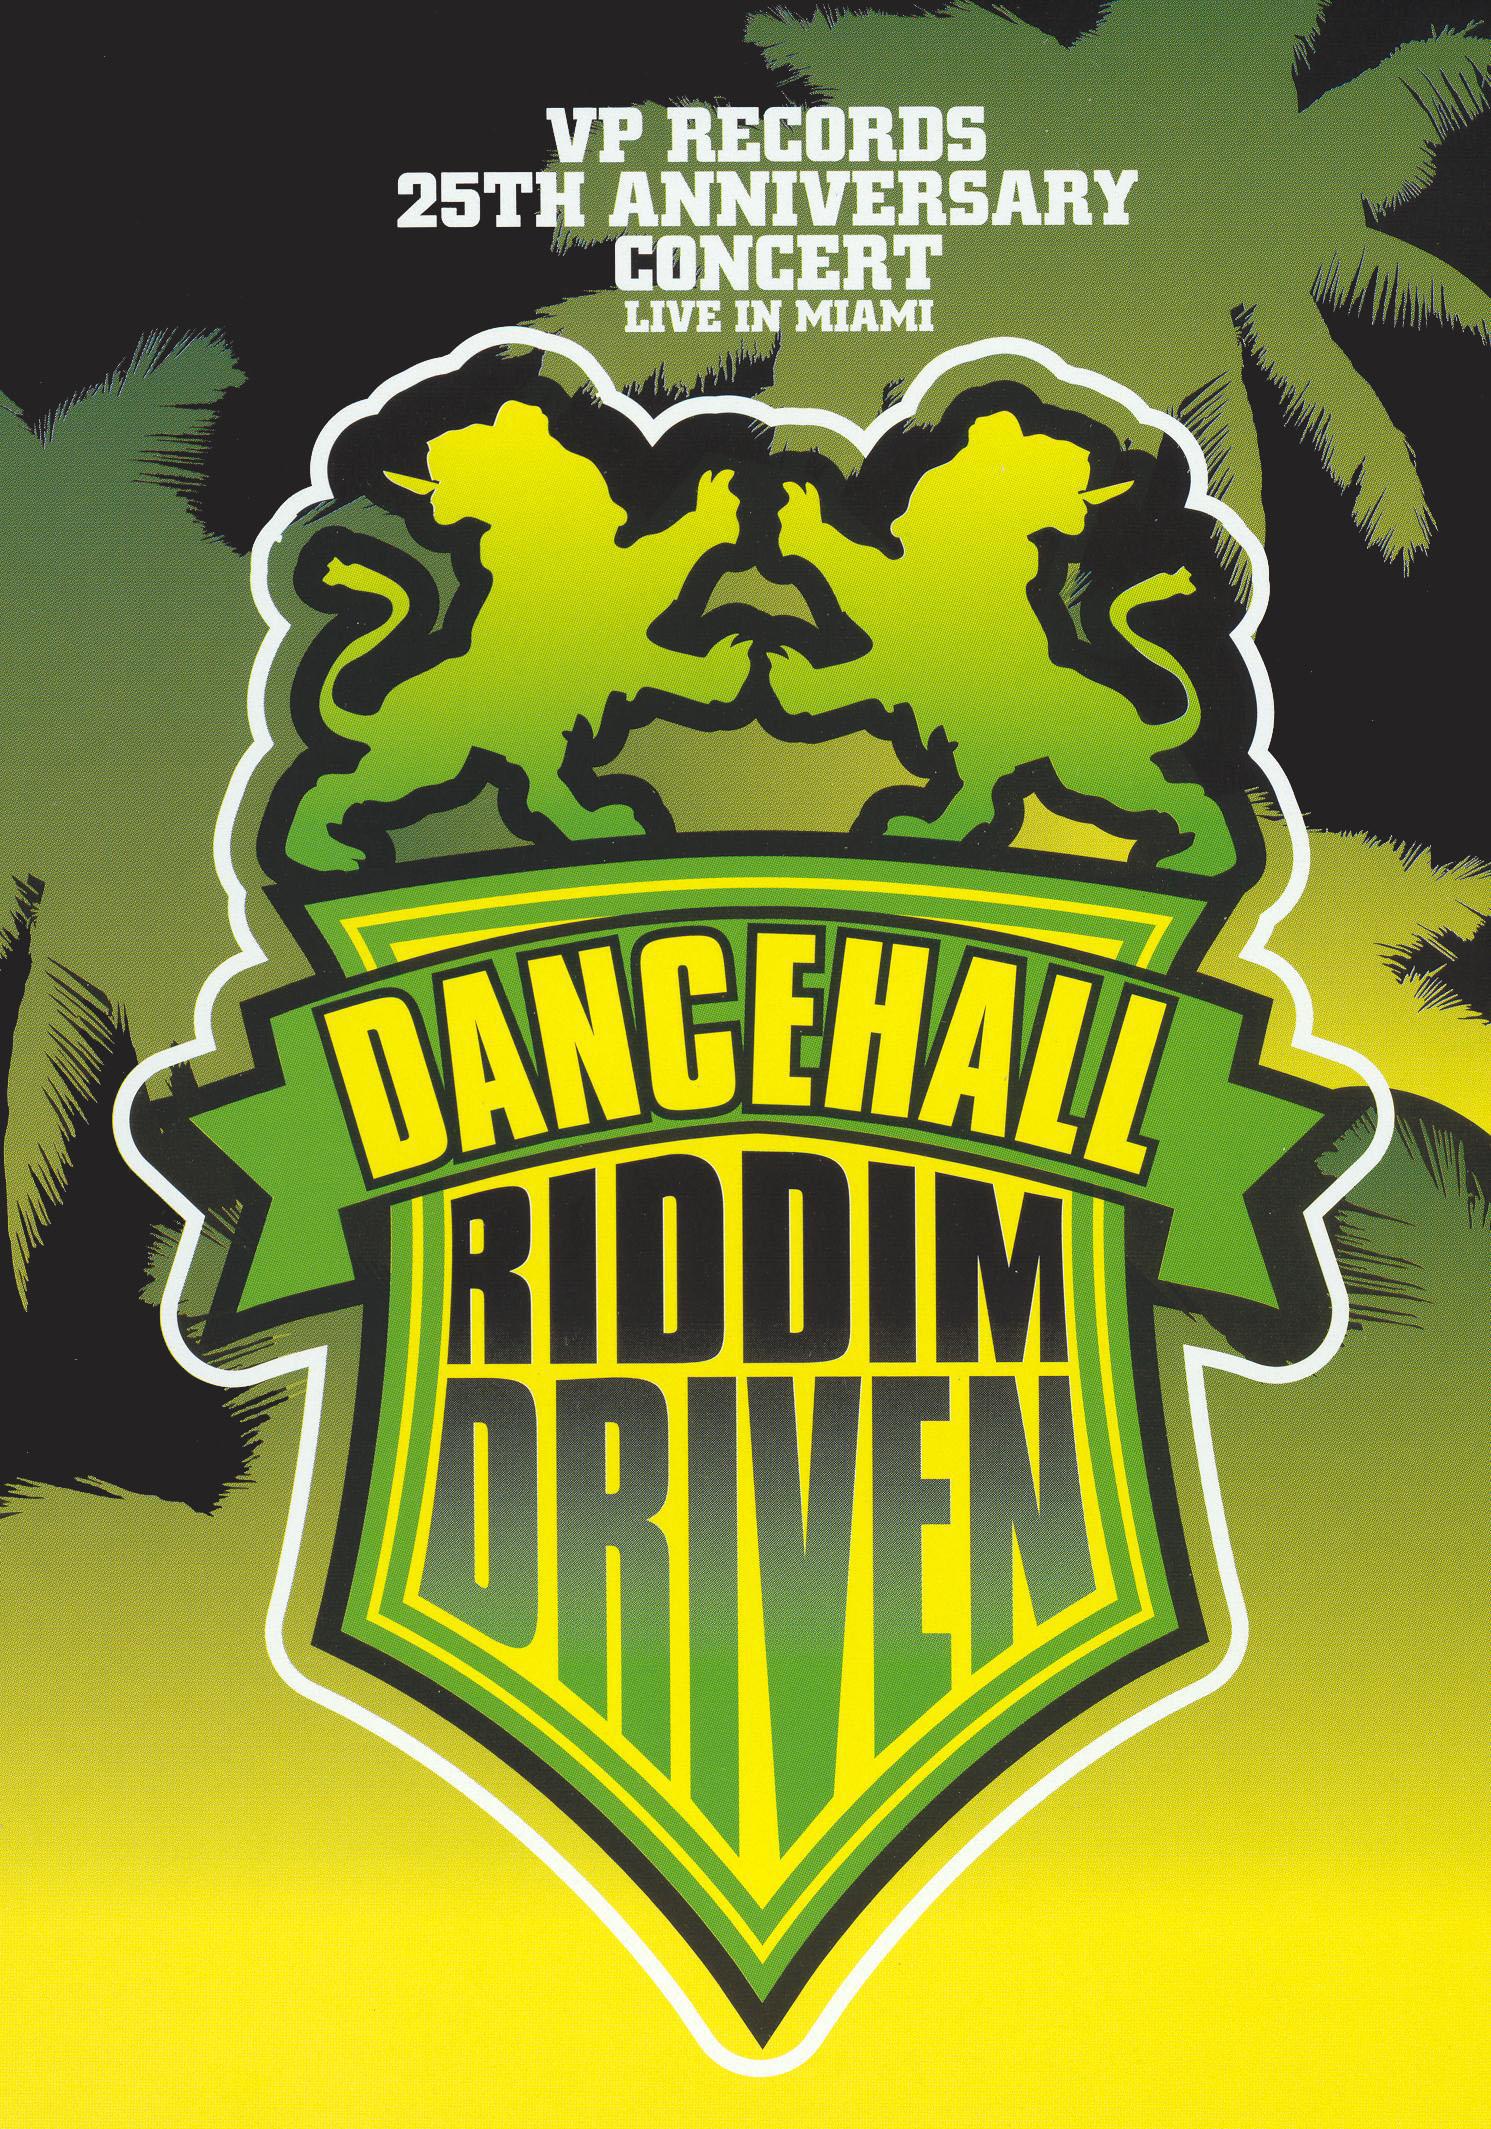 Dancehall Riddim Driven: Live In Miami